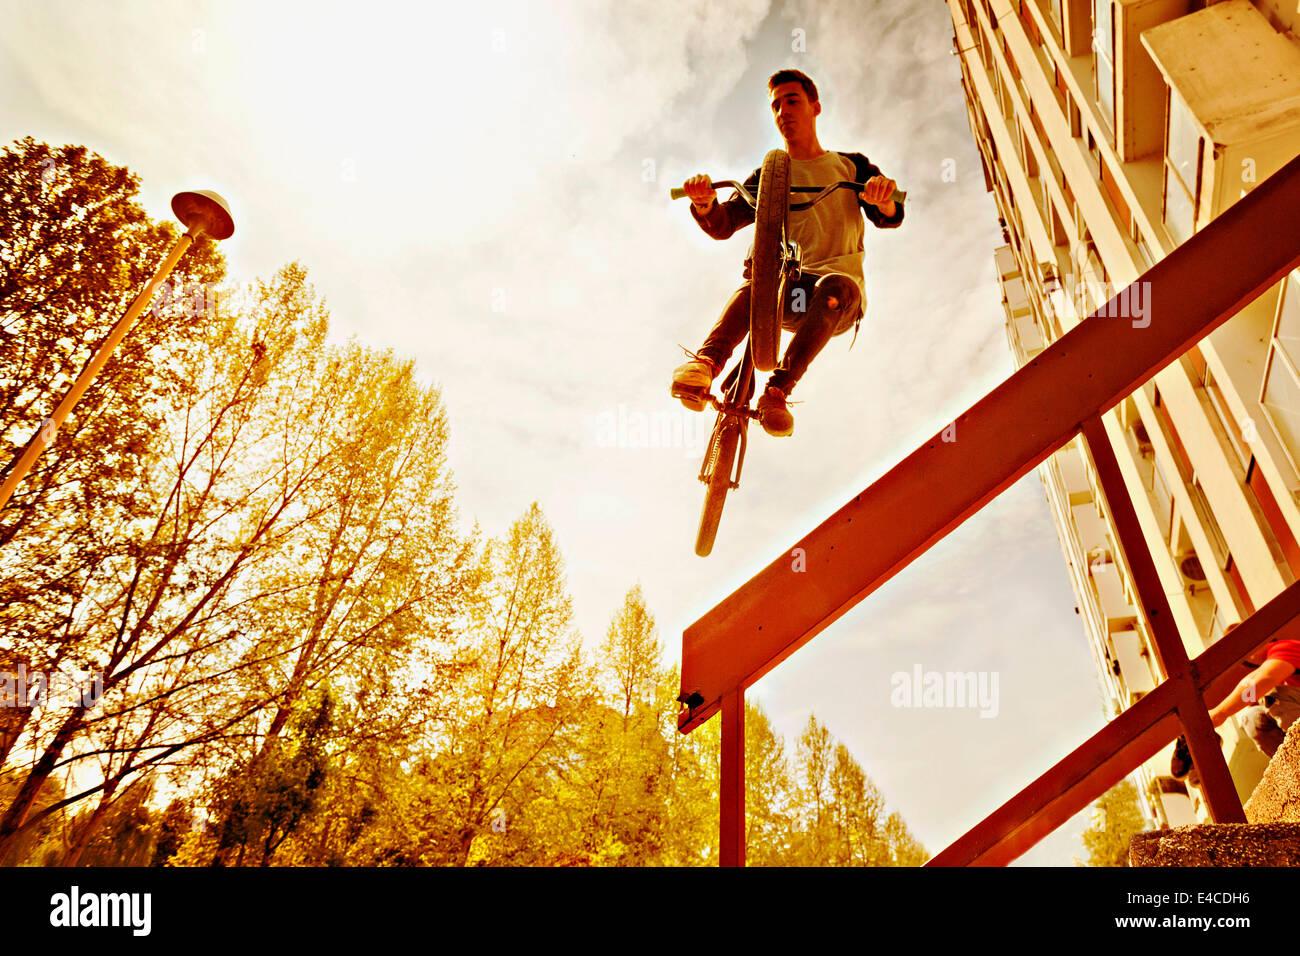 Realizar un ciclista de BMX stunt sobre una barandilla Imagen De Stock